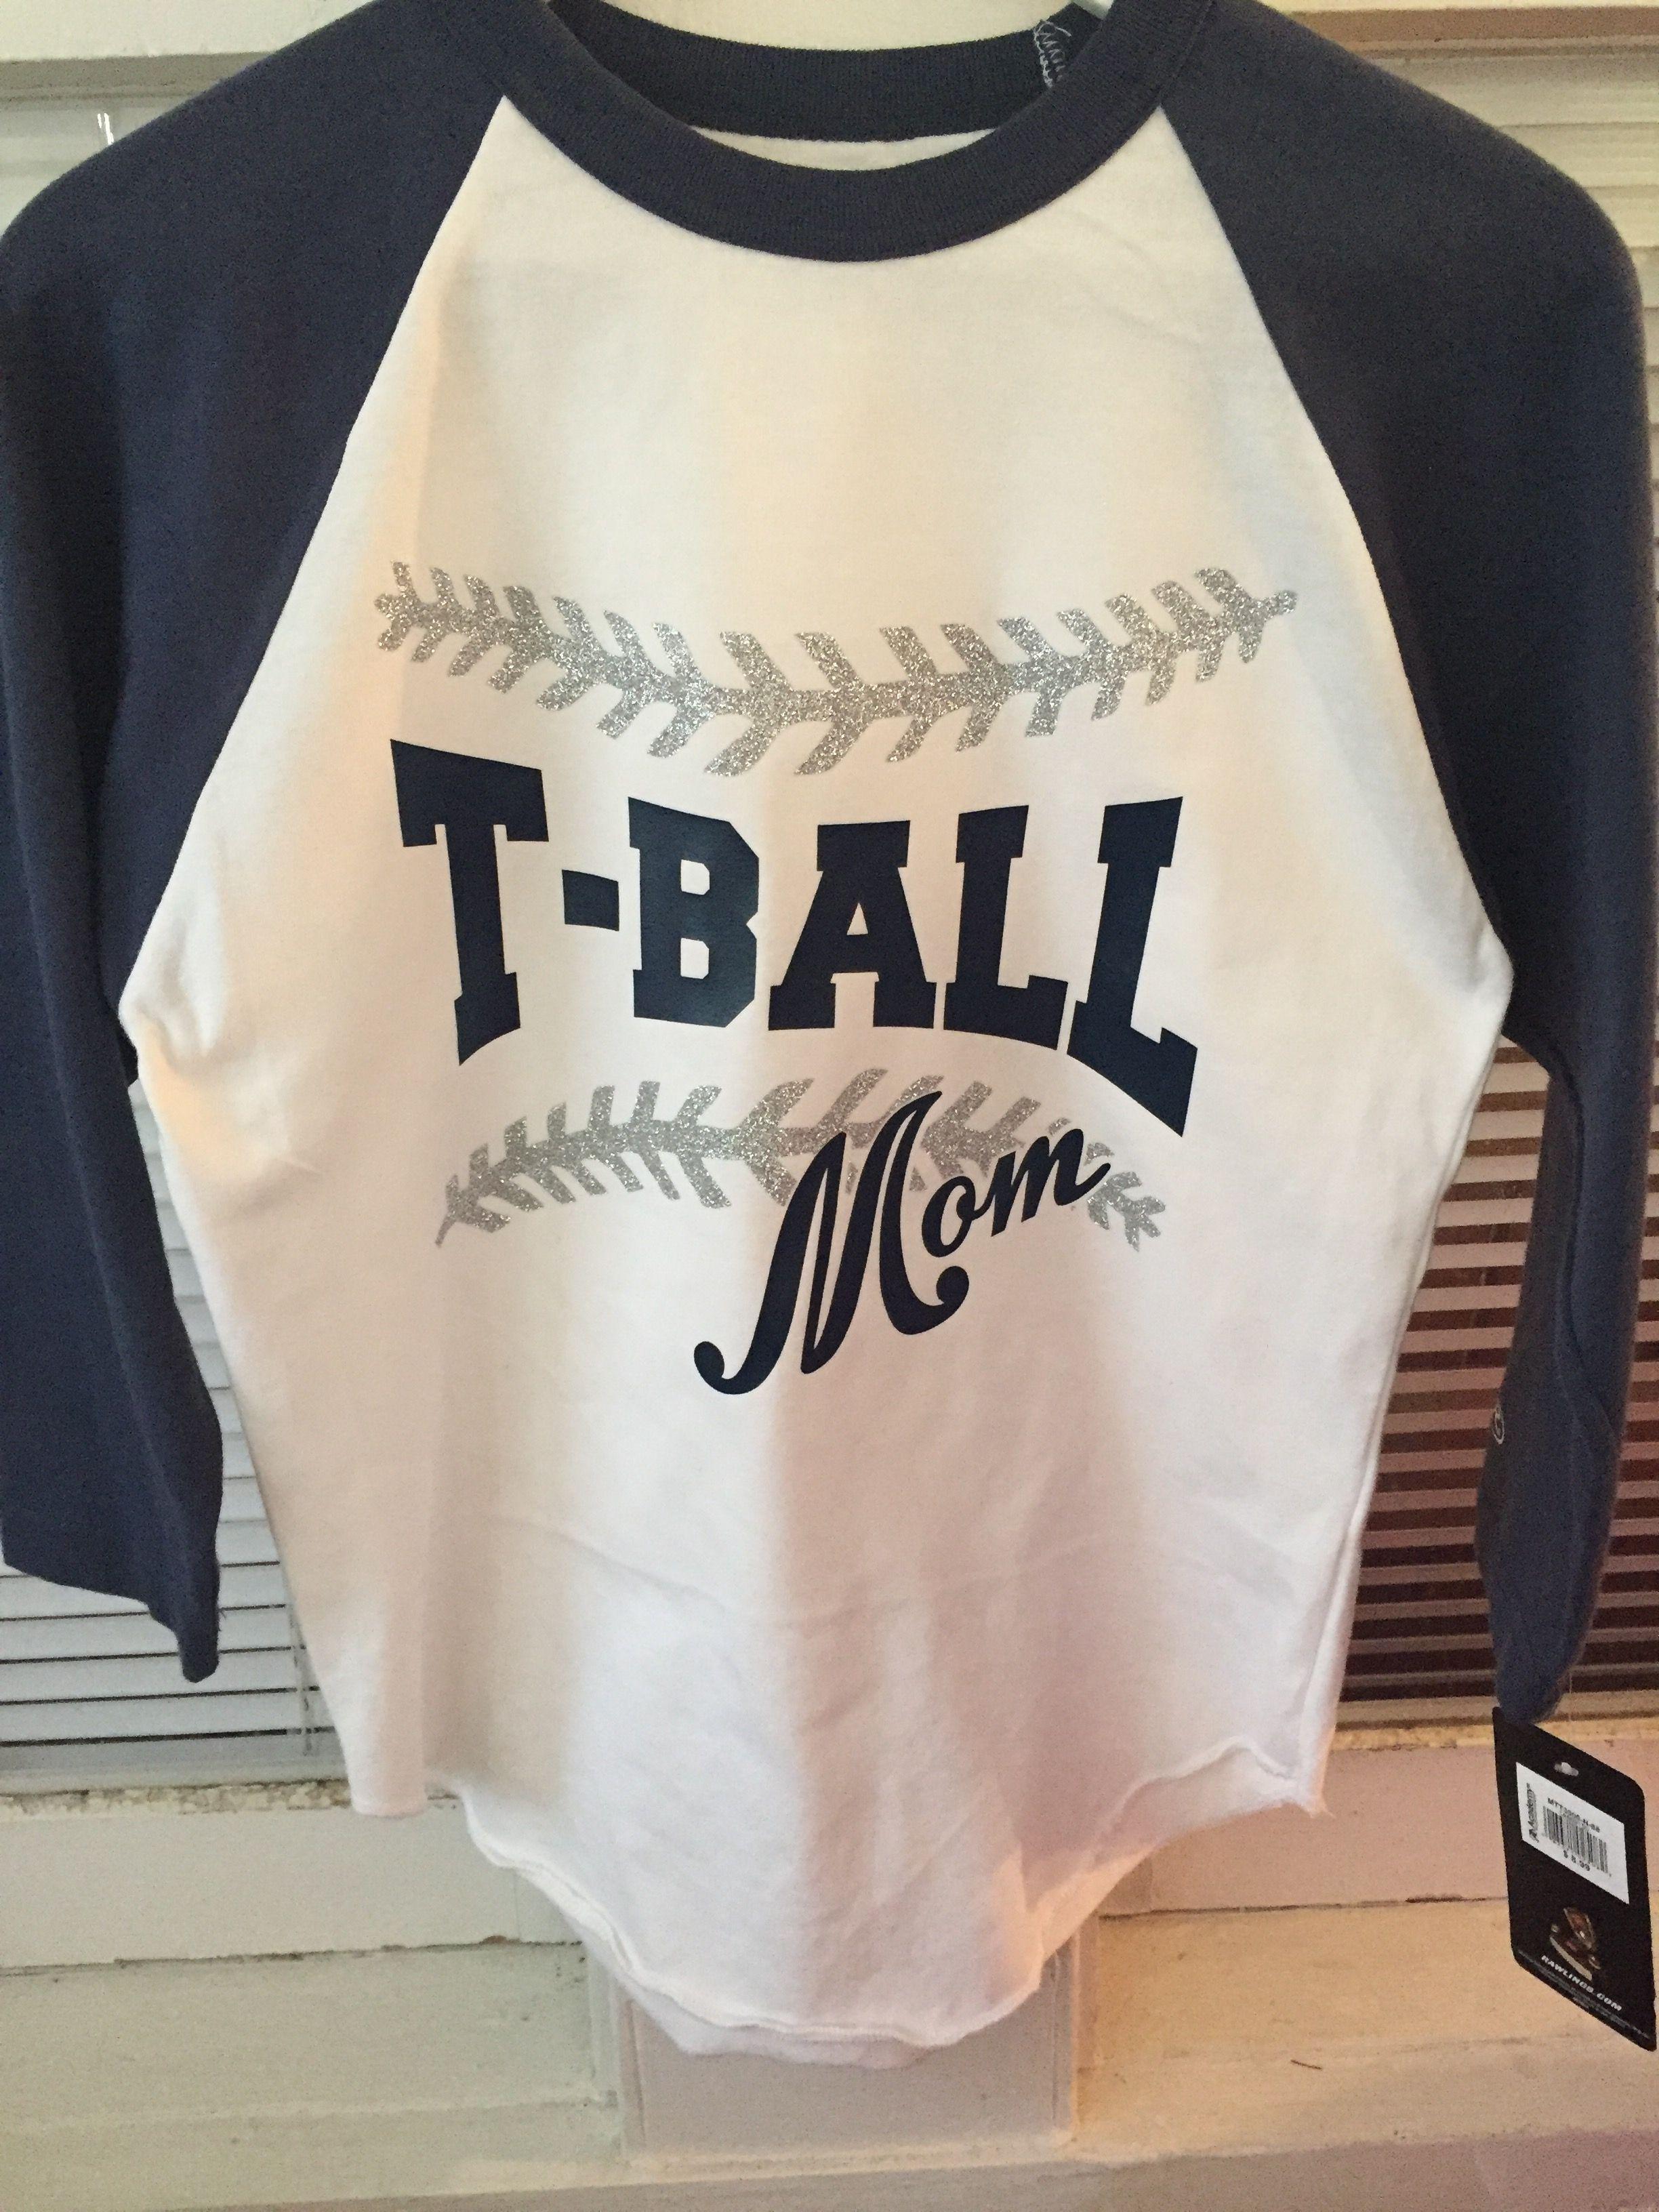 8ad10bdd Tball mom, tee ball, t-ball mom shirt   MaDe It   Sports mom shirts ...